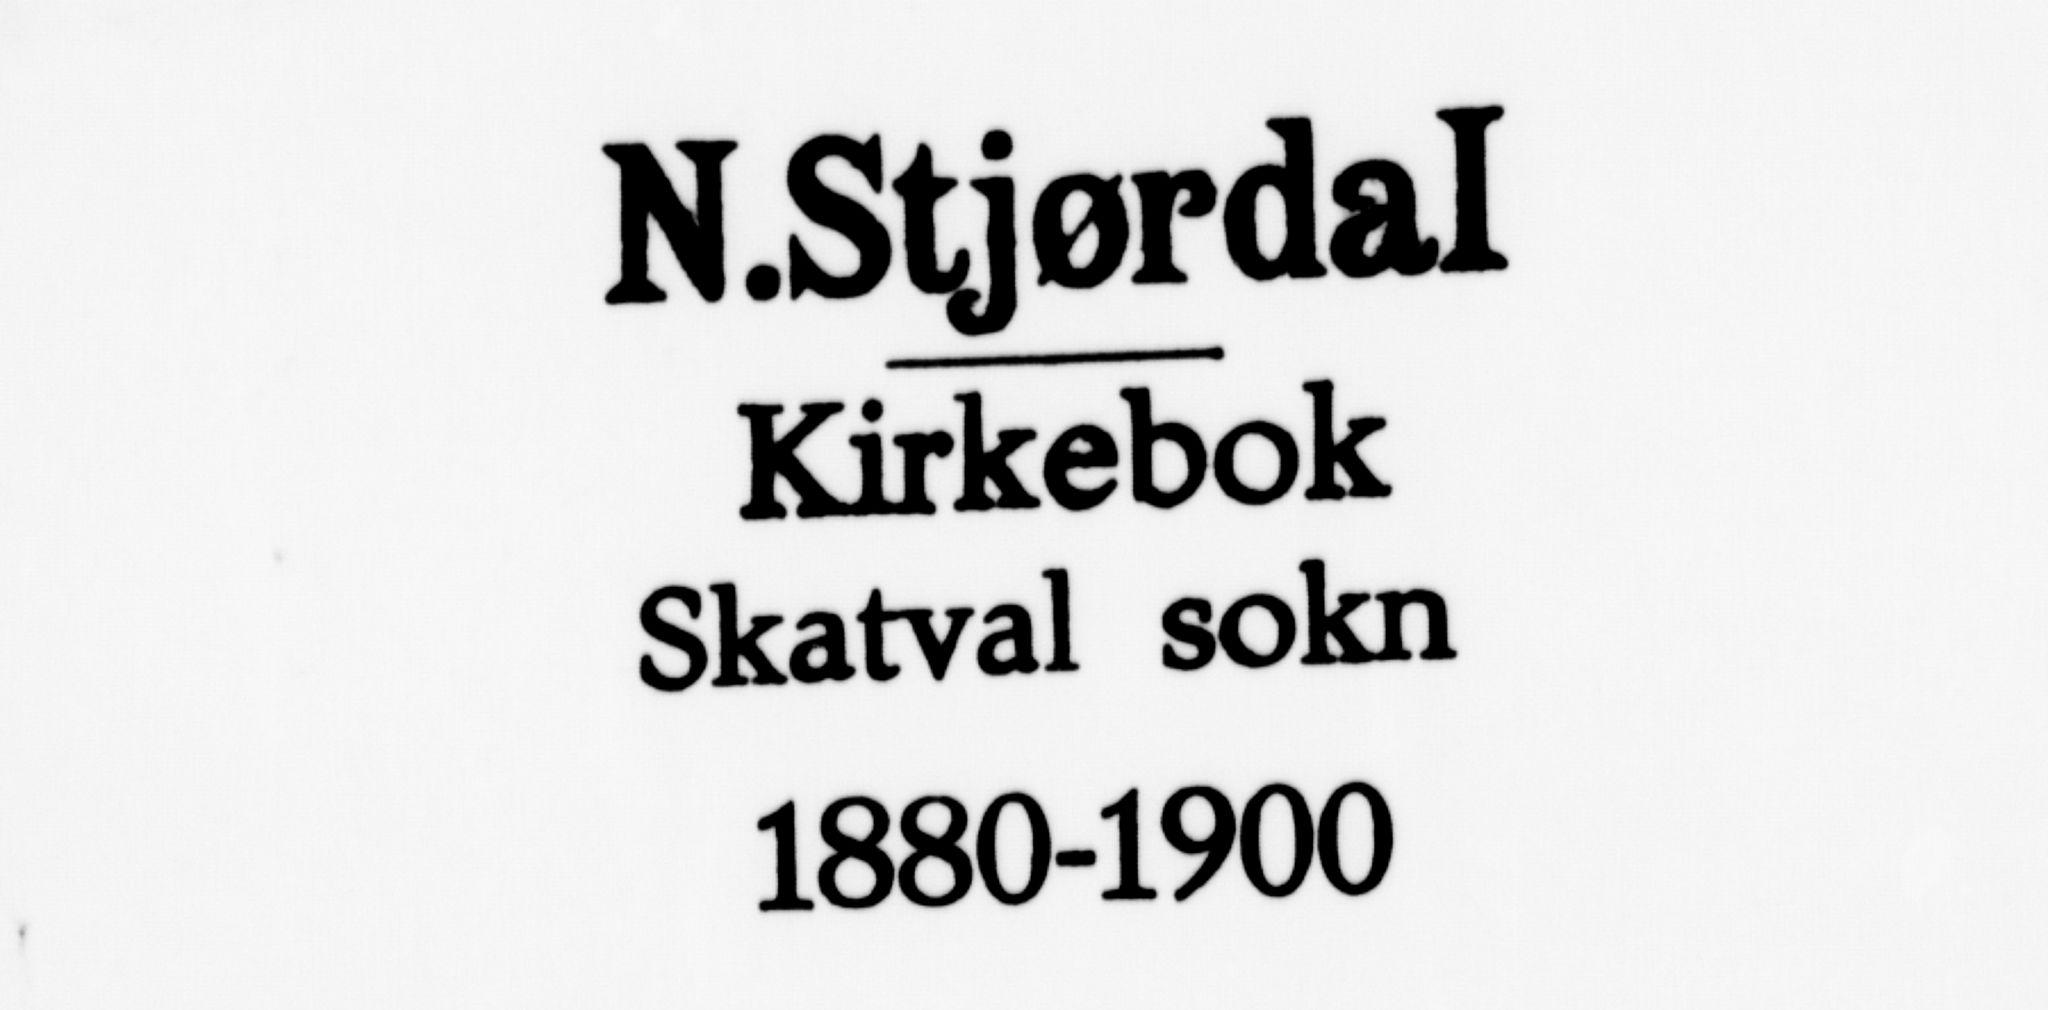 SAT, Ministerialprotokoller, klokkerbøker og fødselsregistre - Nord-Trøndelag, 712/L0100: Ministerialbok nr. 712A01, 1880-1900